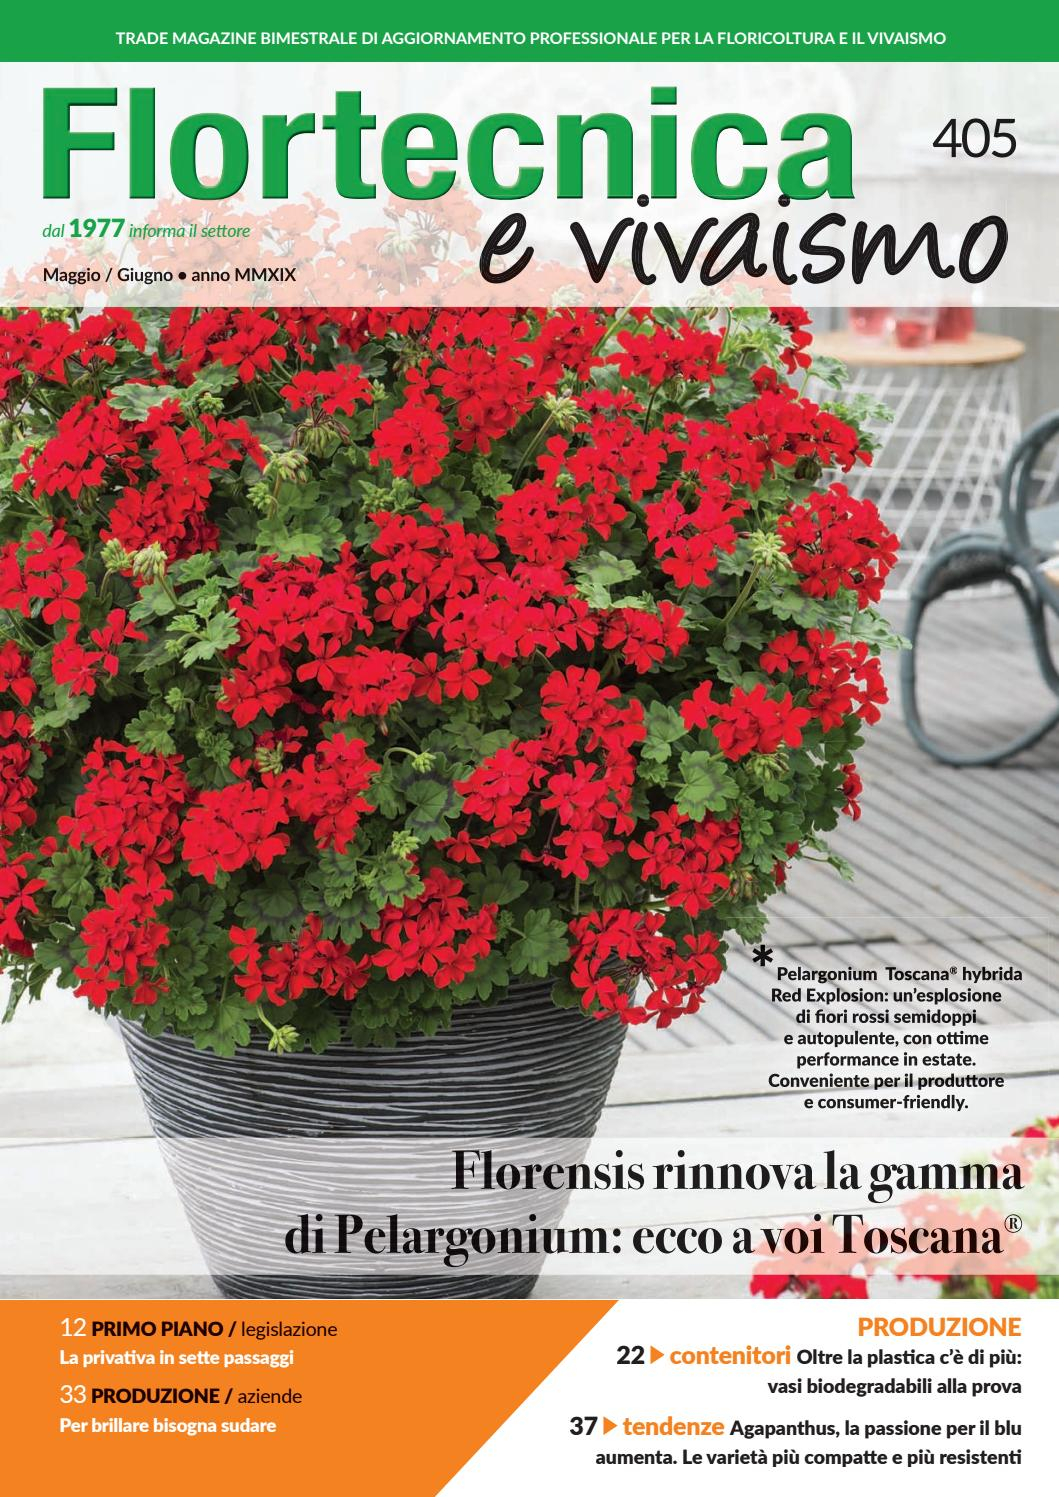 Produttori Vasi In Plastica.Flortecnica E Vivaismo N 405 By Edizioni Laboratorio Verde Issuu